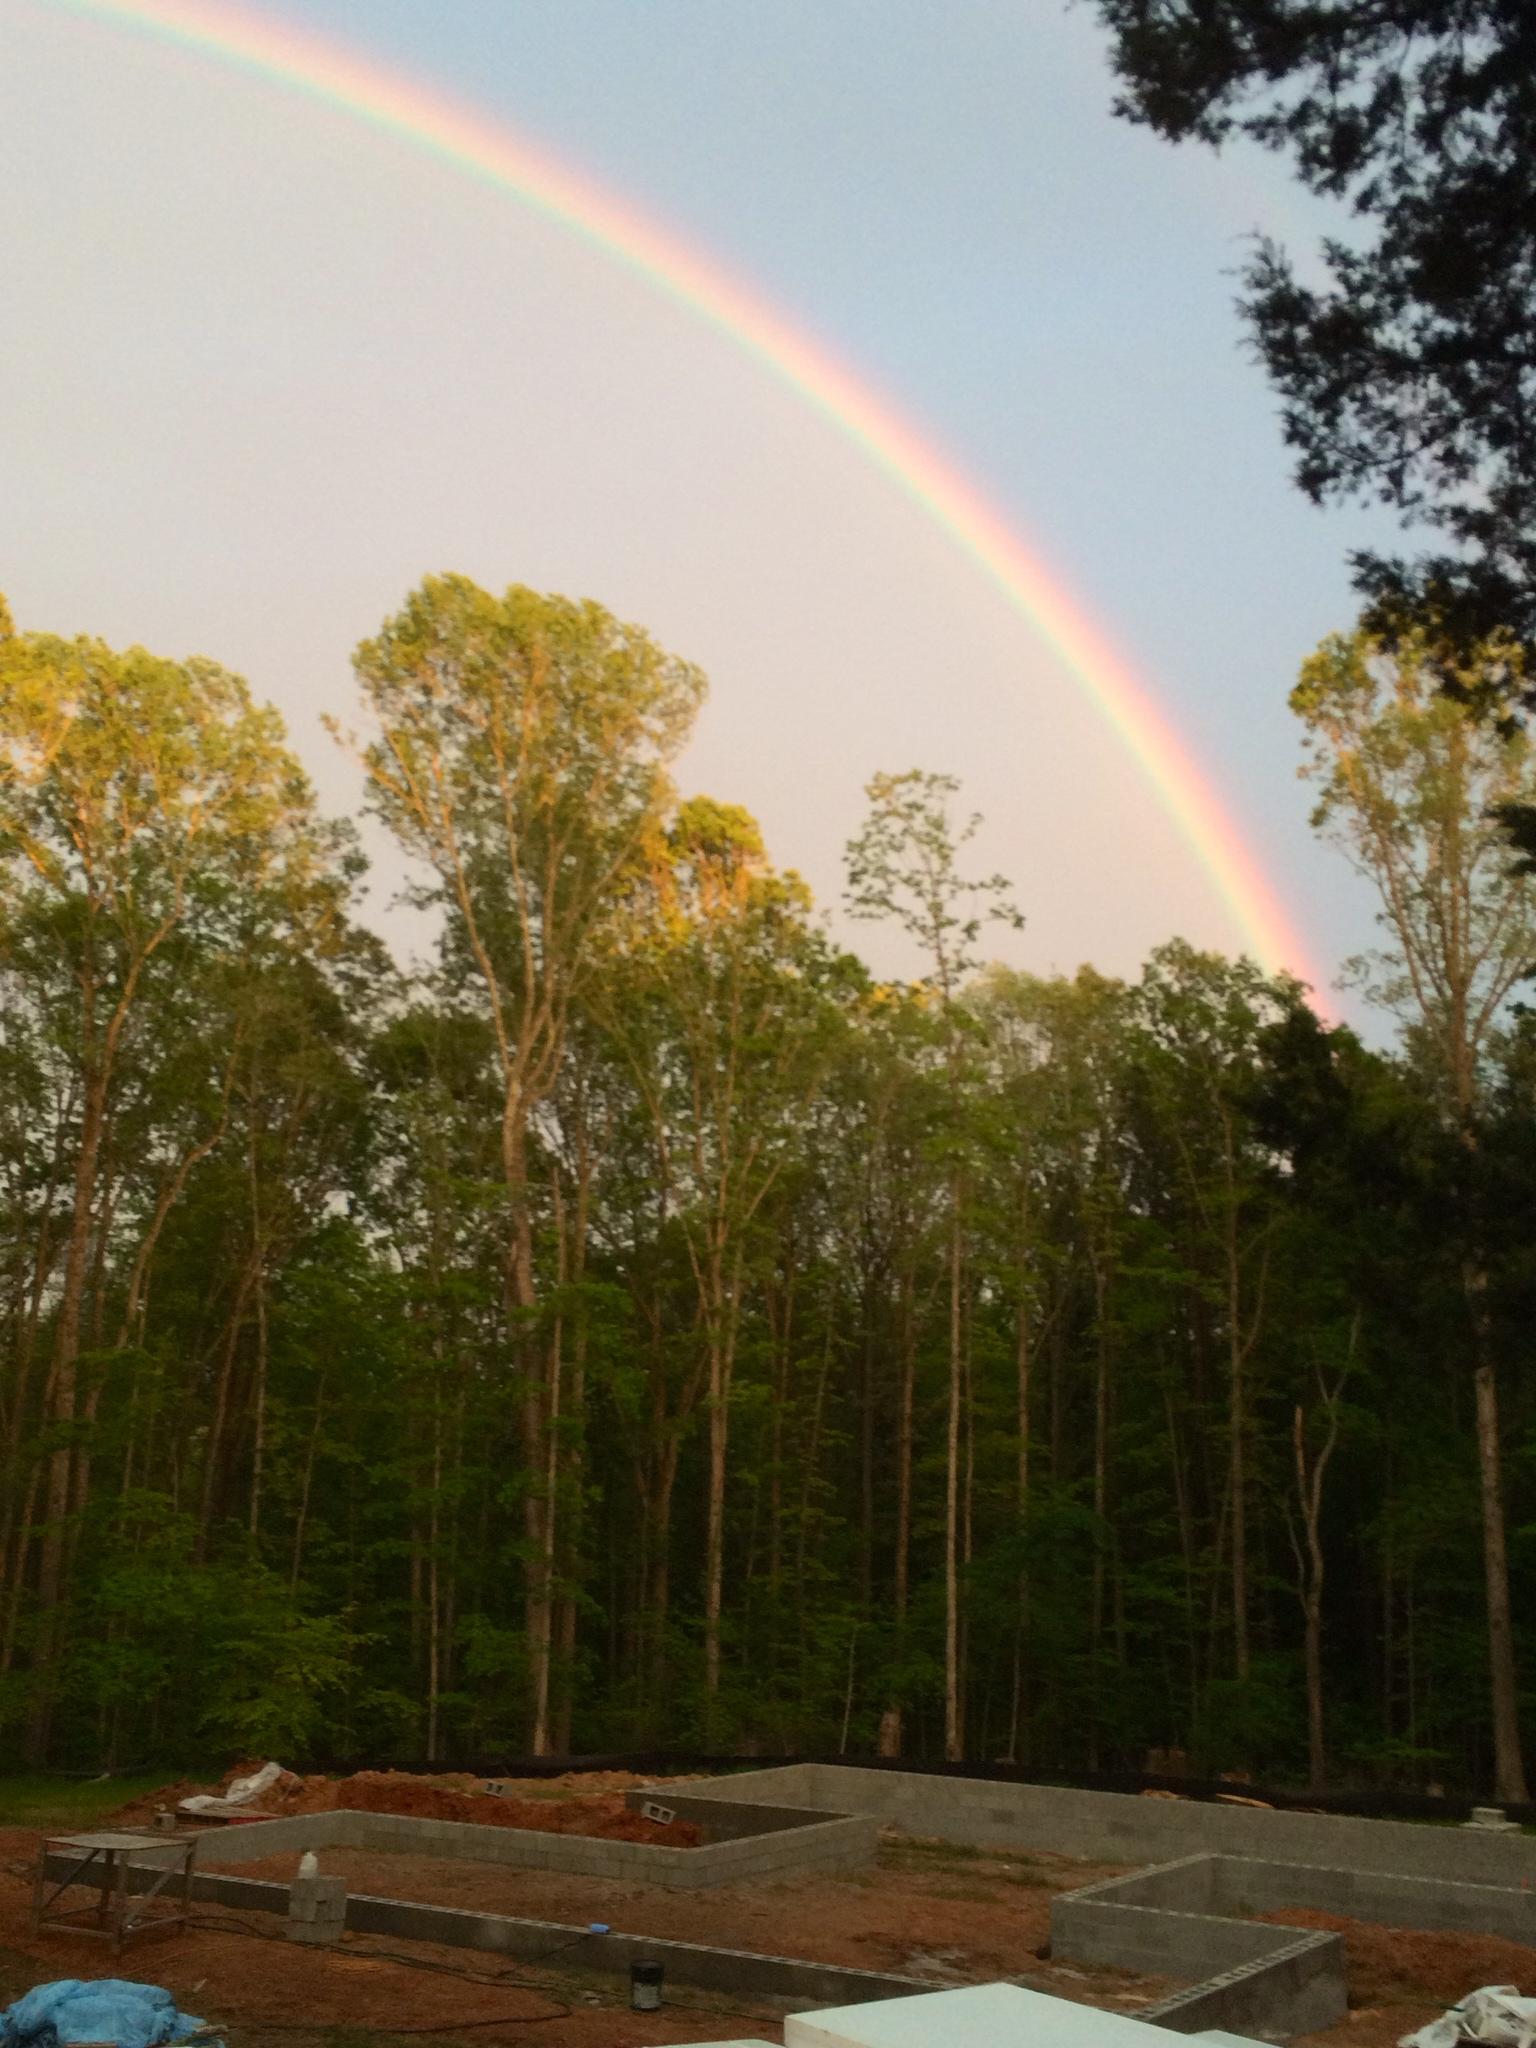 Rainbow over foundation